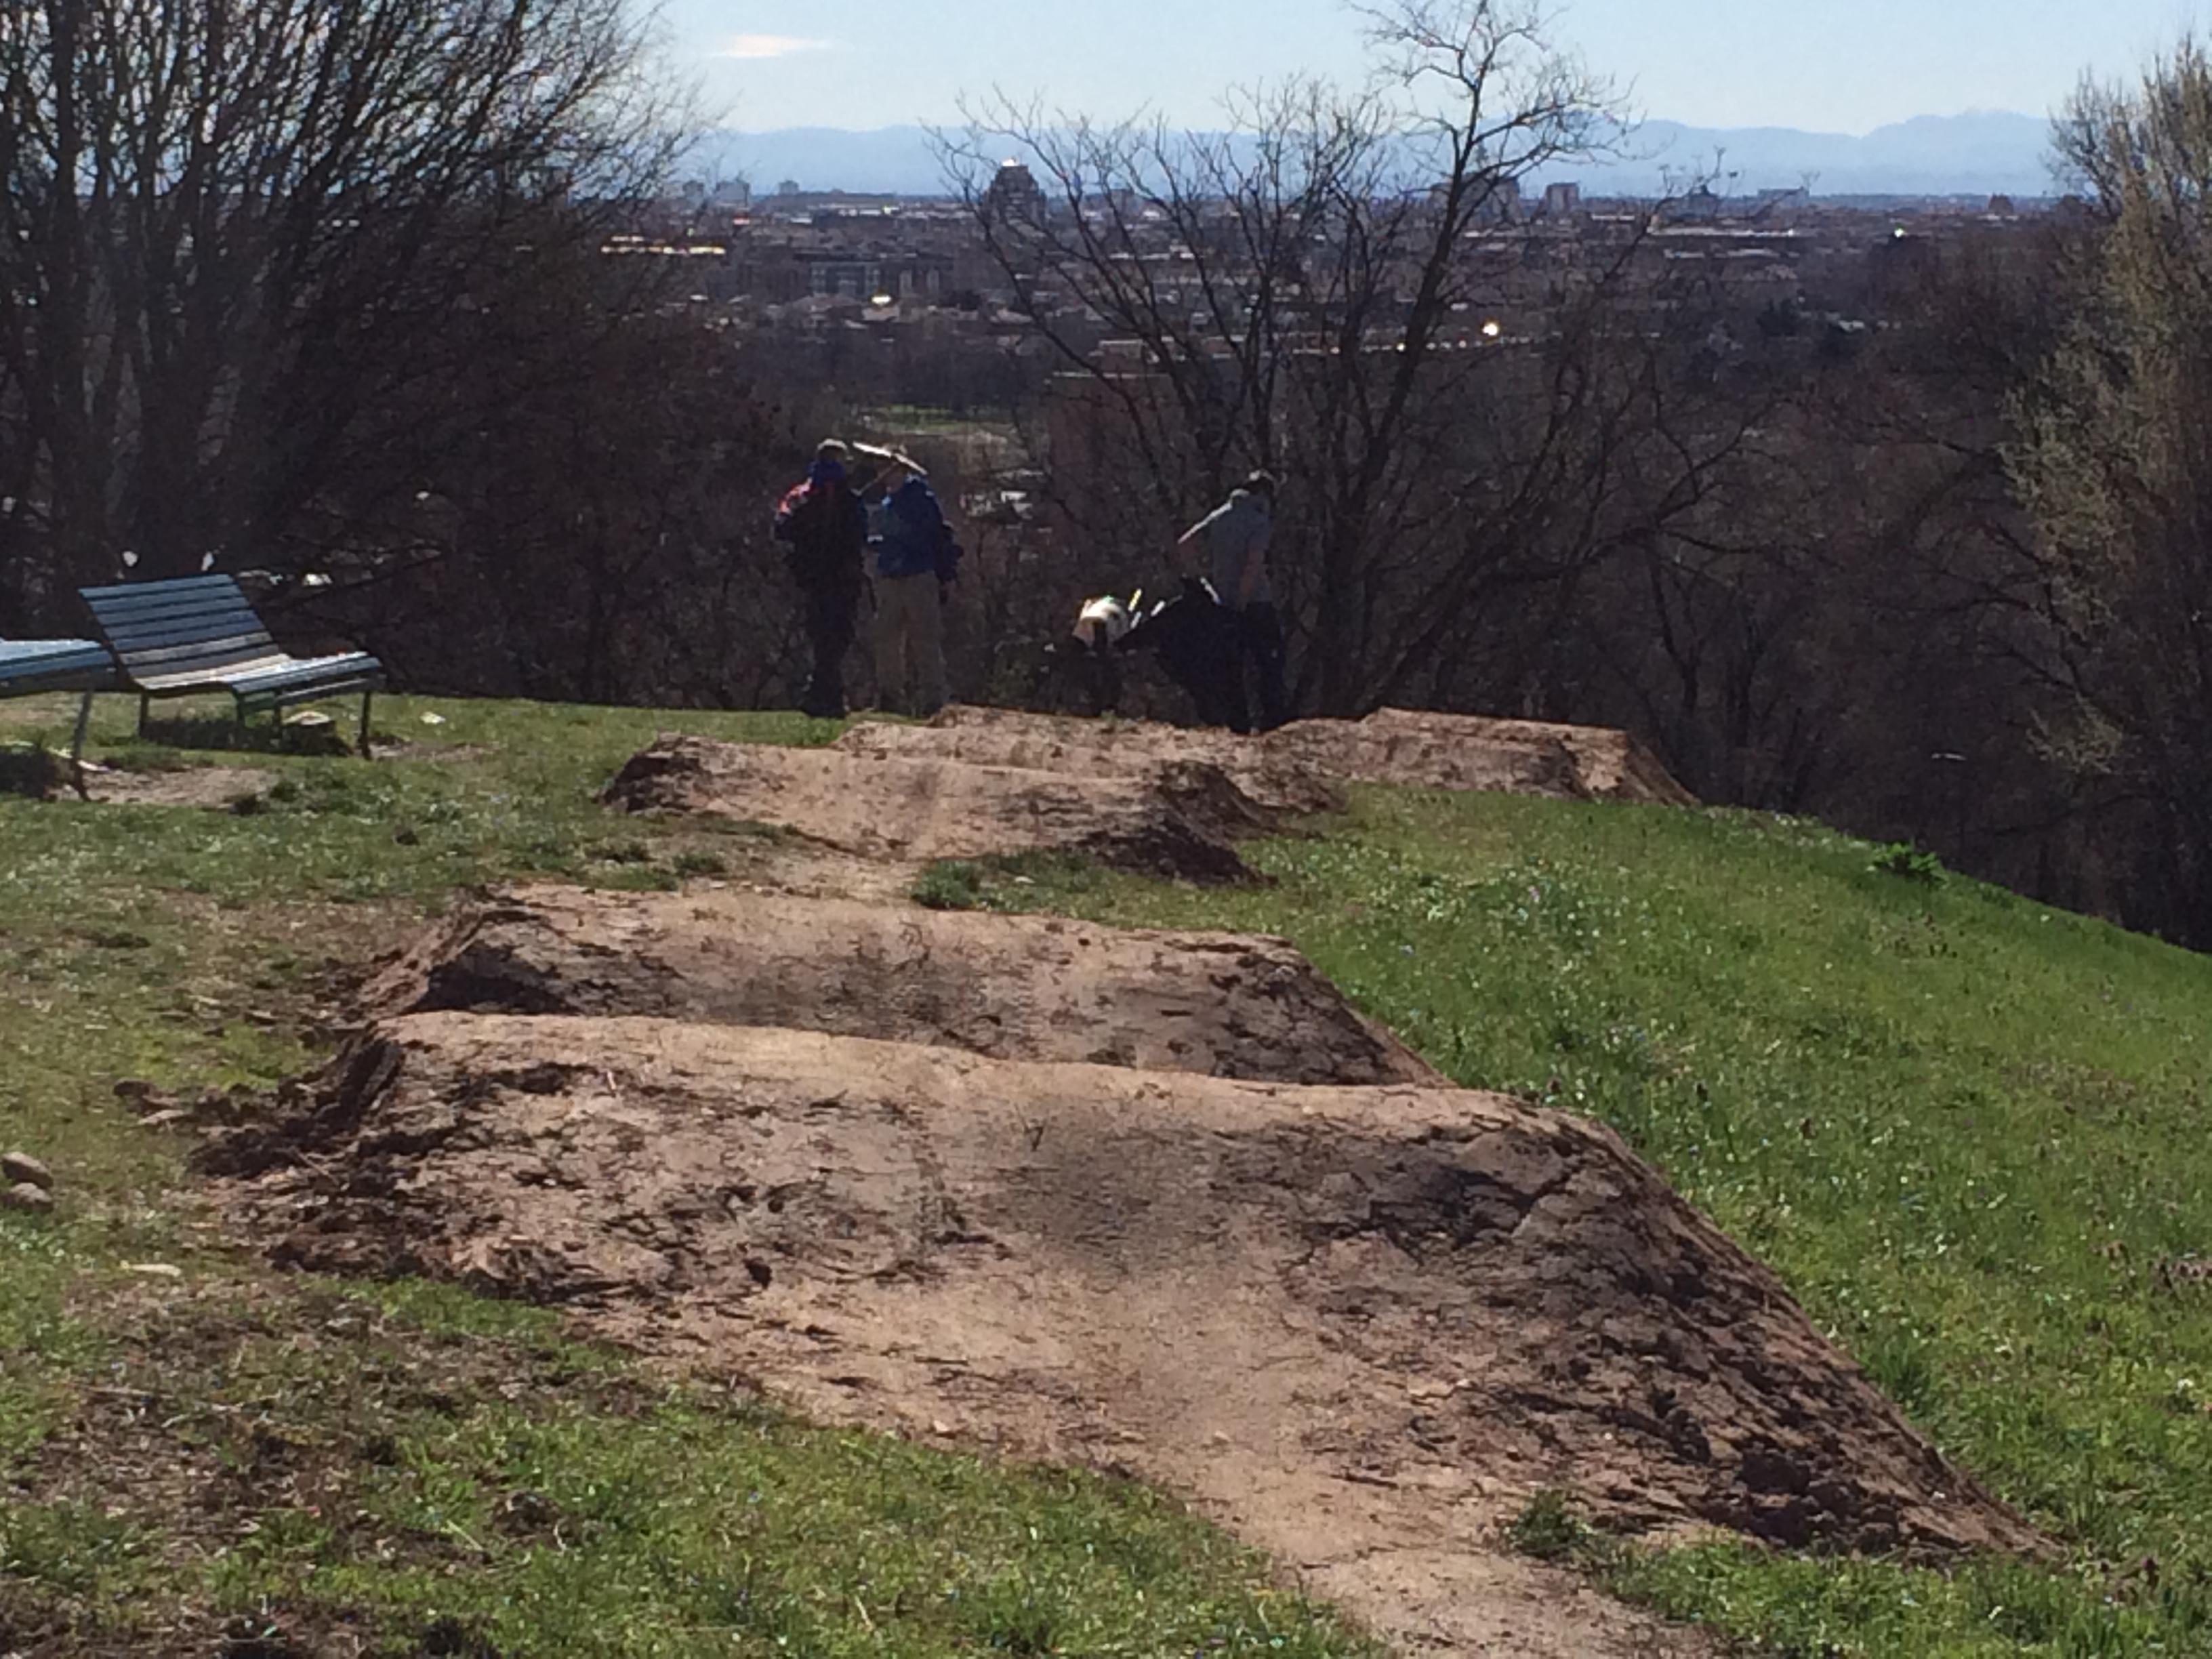 Realizzazione di salti doppi e tripli in terra lungo il percorso degli Internazionali d'Italia XCO MTB